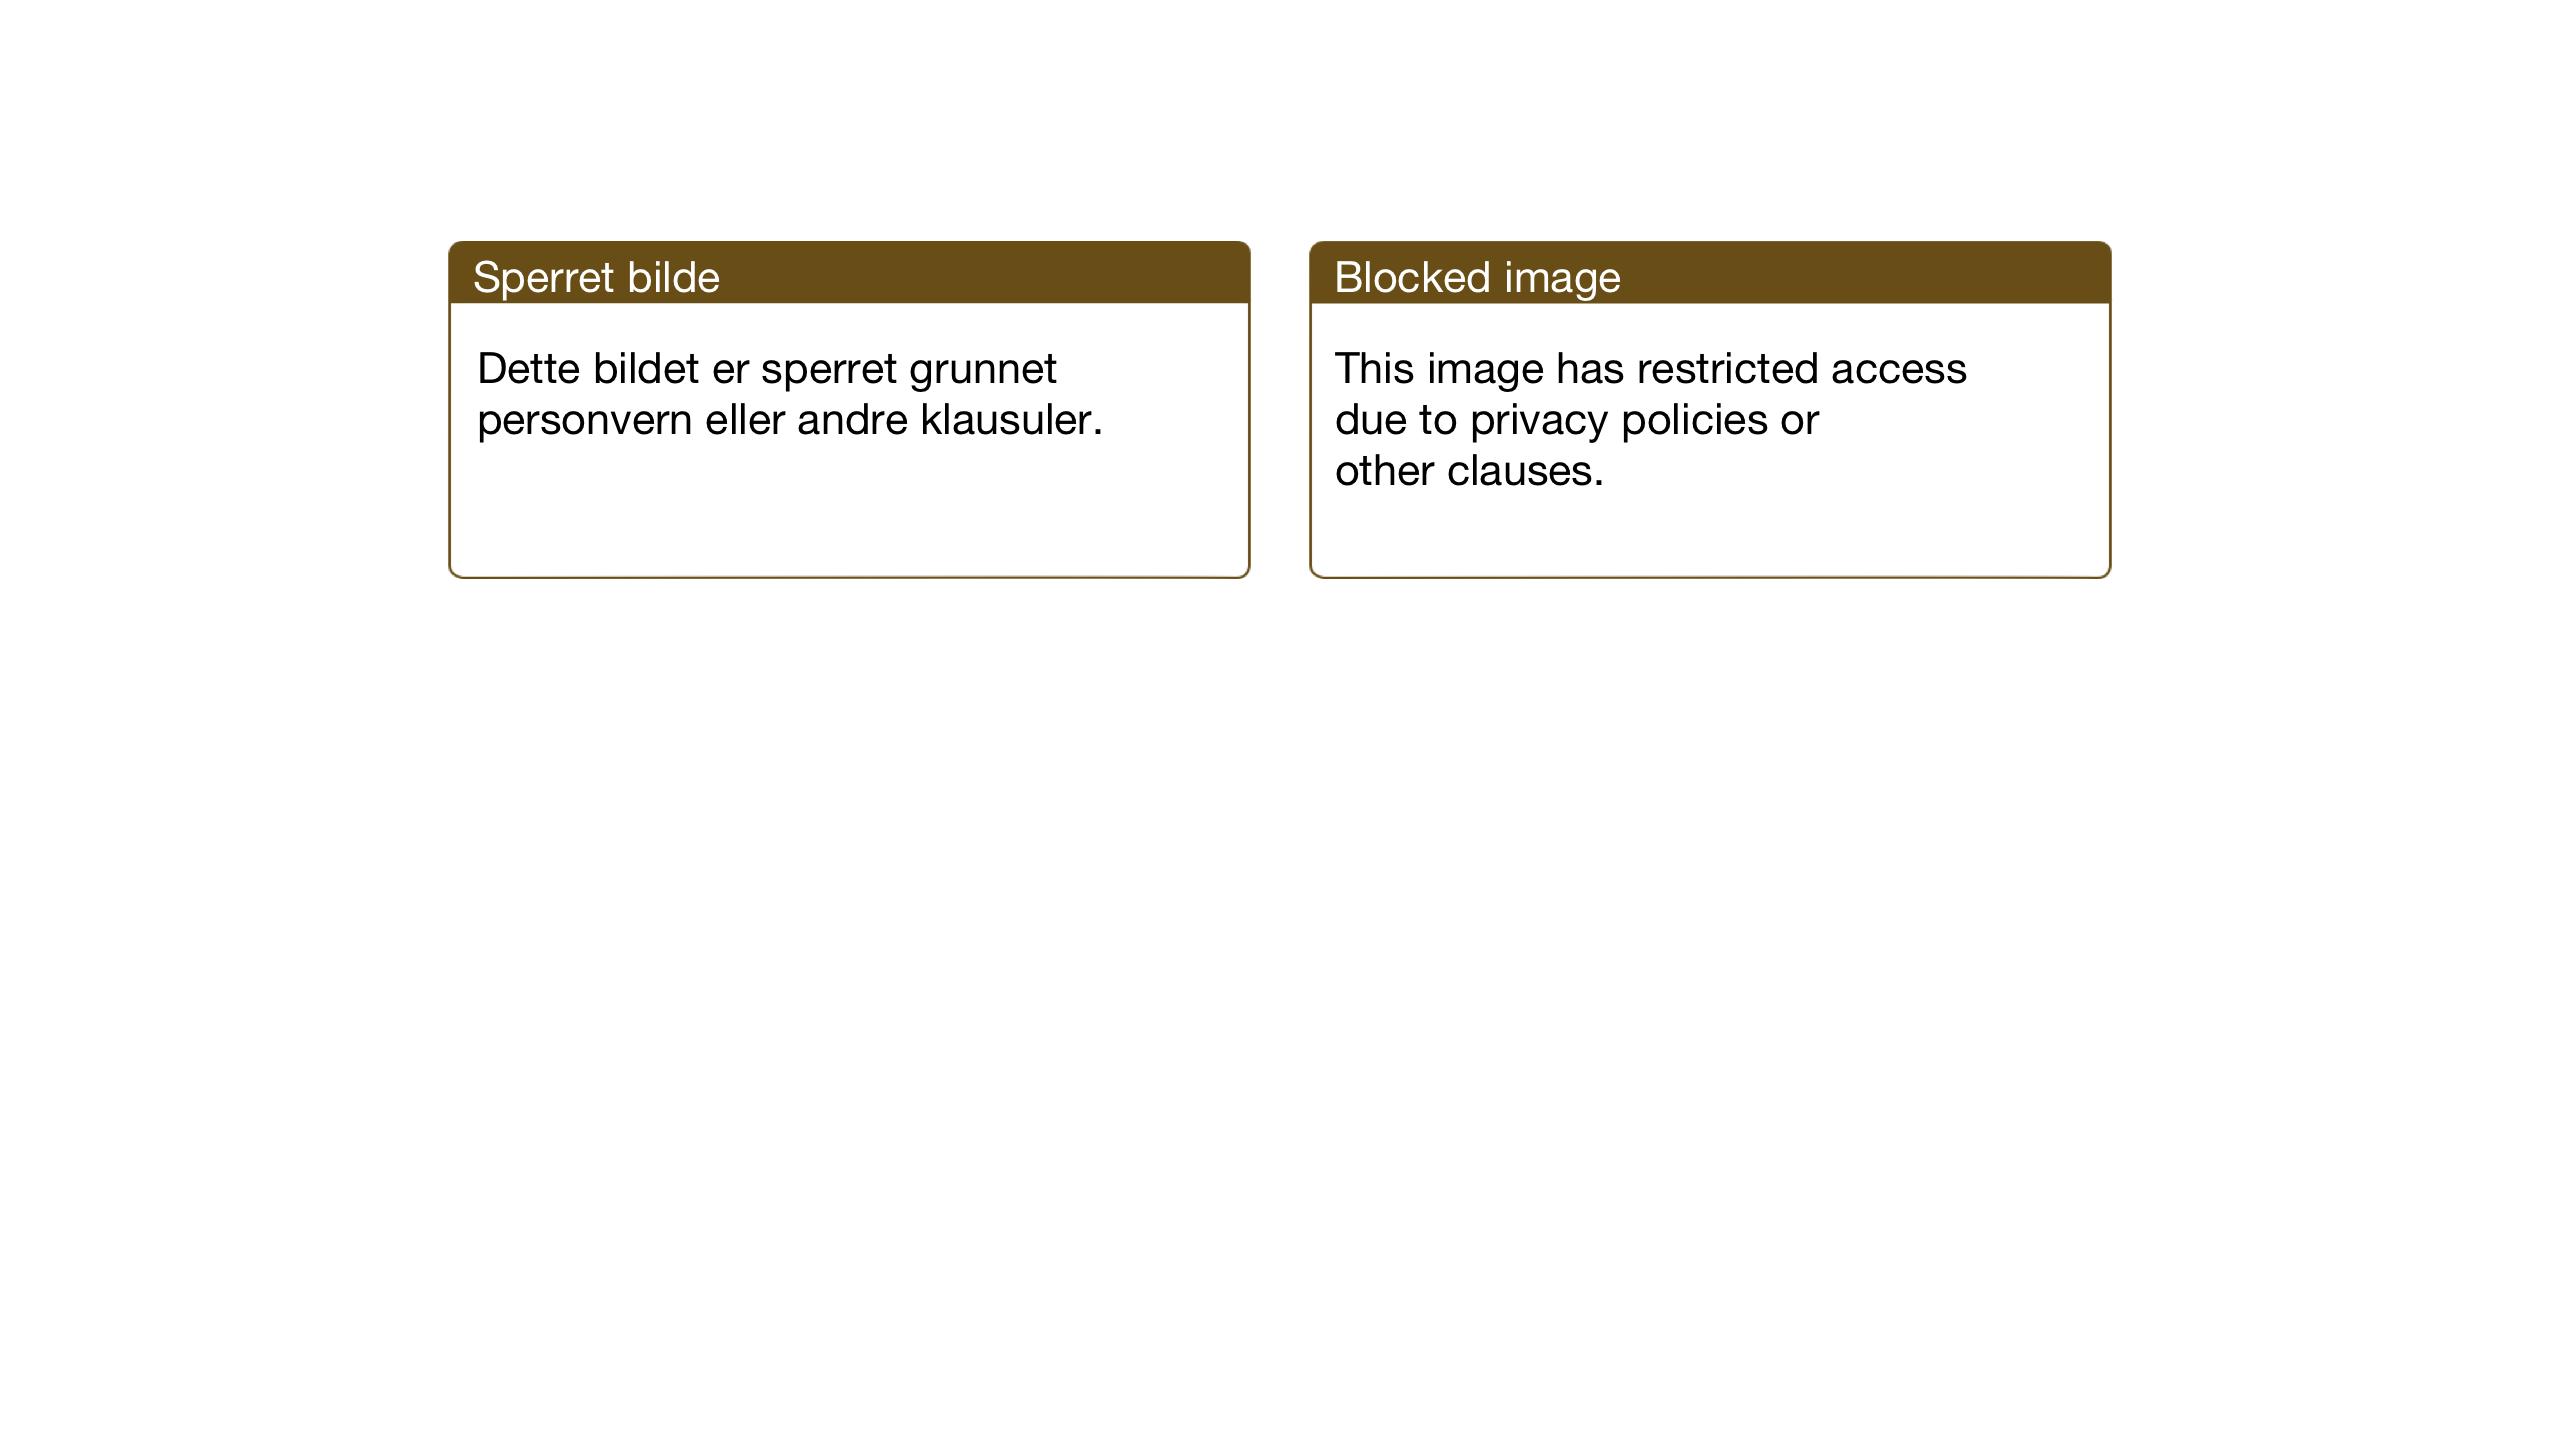 SAT, Ministerialprotokoller, klokkerbøker og fødselsregistre - Sør-Trøndelag, 674/L0878: Klokkerbok nr. 674C05, 1941-1950, s. 75